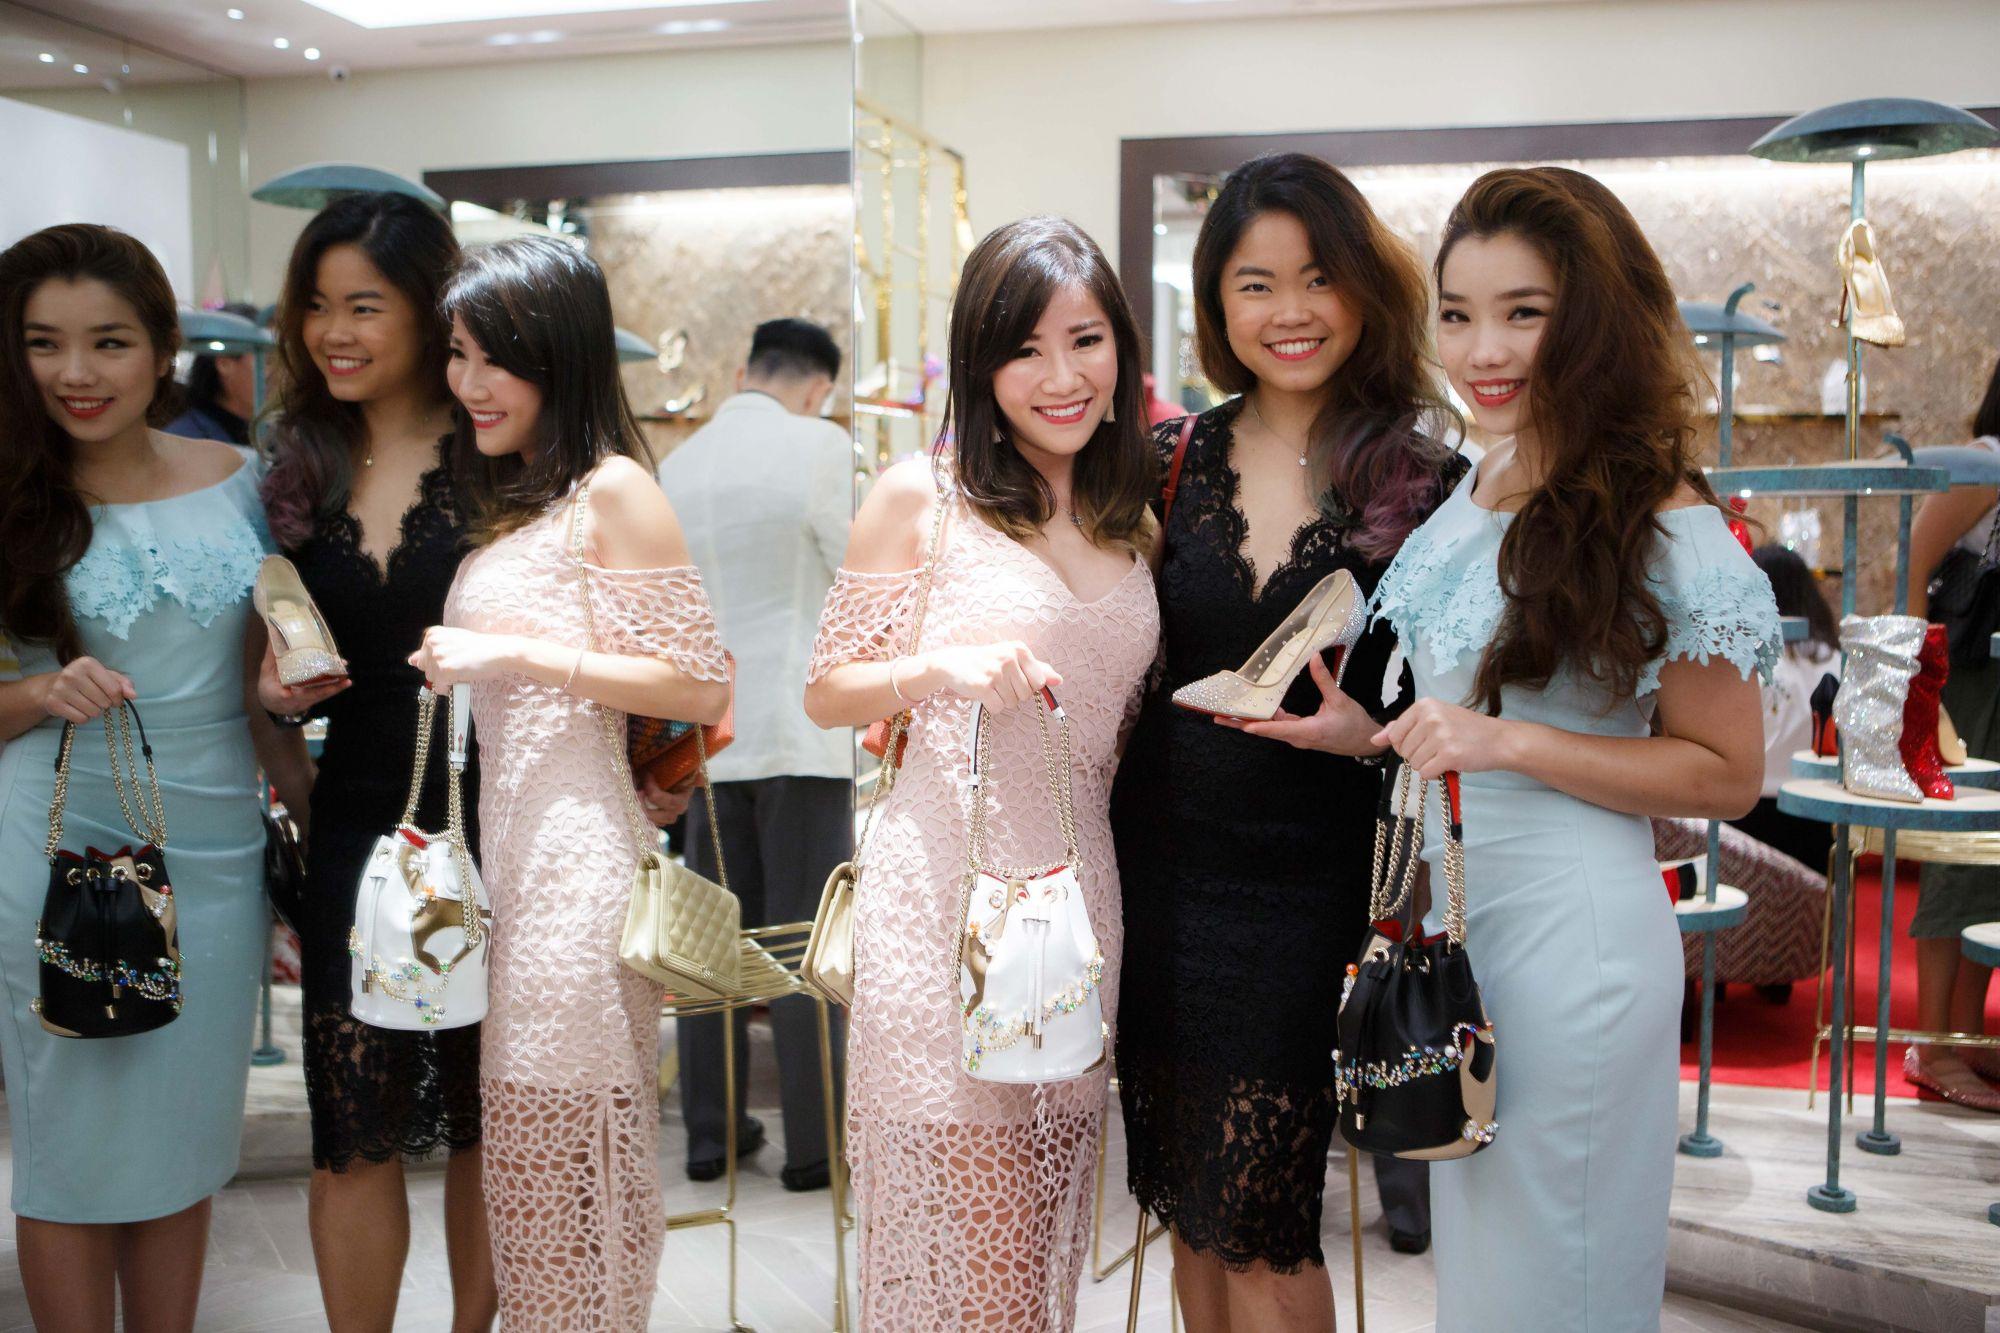 Samantha Tay, Cheryl Cheong, Liyann Seet